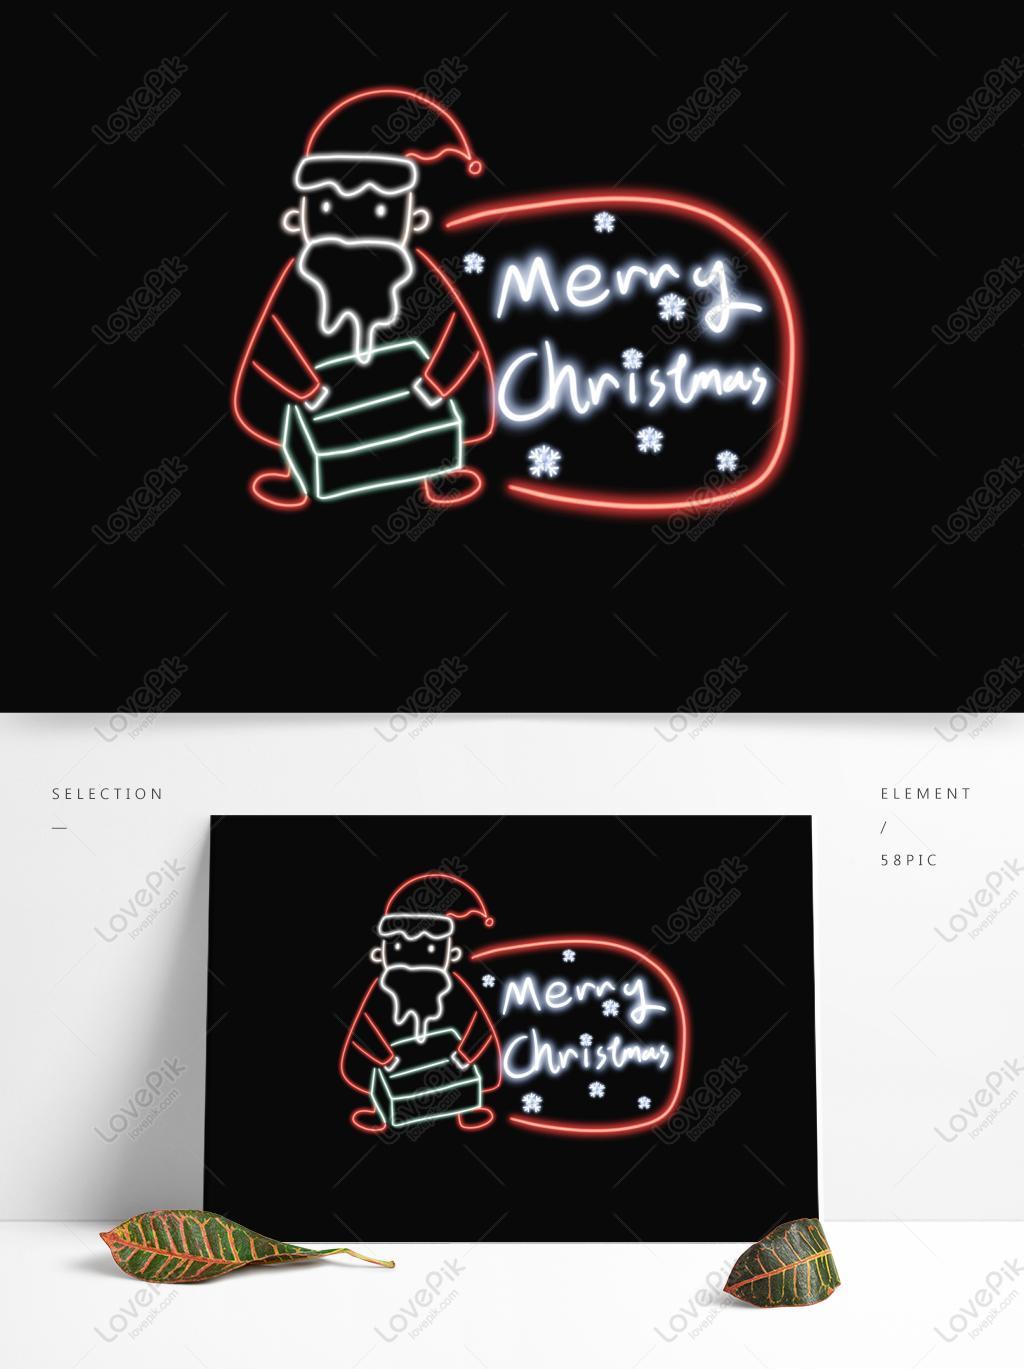 聖誕節發光霓虹燈聖誕老人聖誕發光字體邊框PSD美工圖案免費下載-素材分辨率1369 × 1024px - Lovepik ID732495162